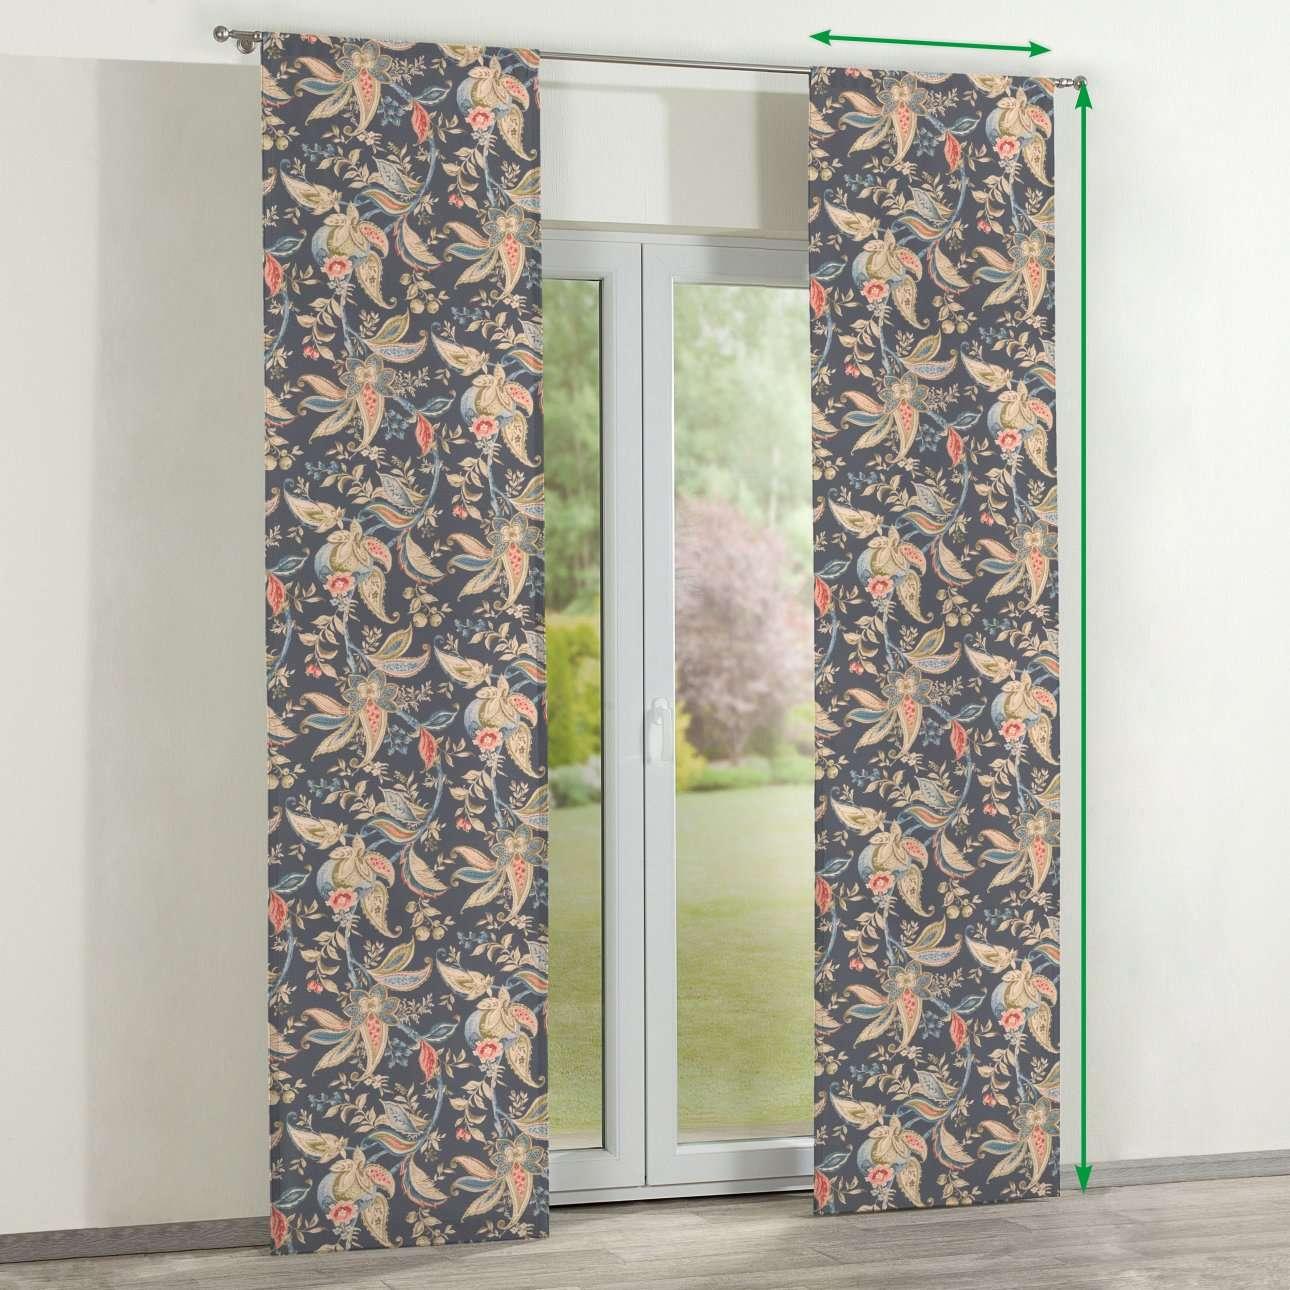 Zasłony panelowe 2 szt. w kolekcji Gardenia, tkanina: 142-19